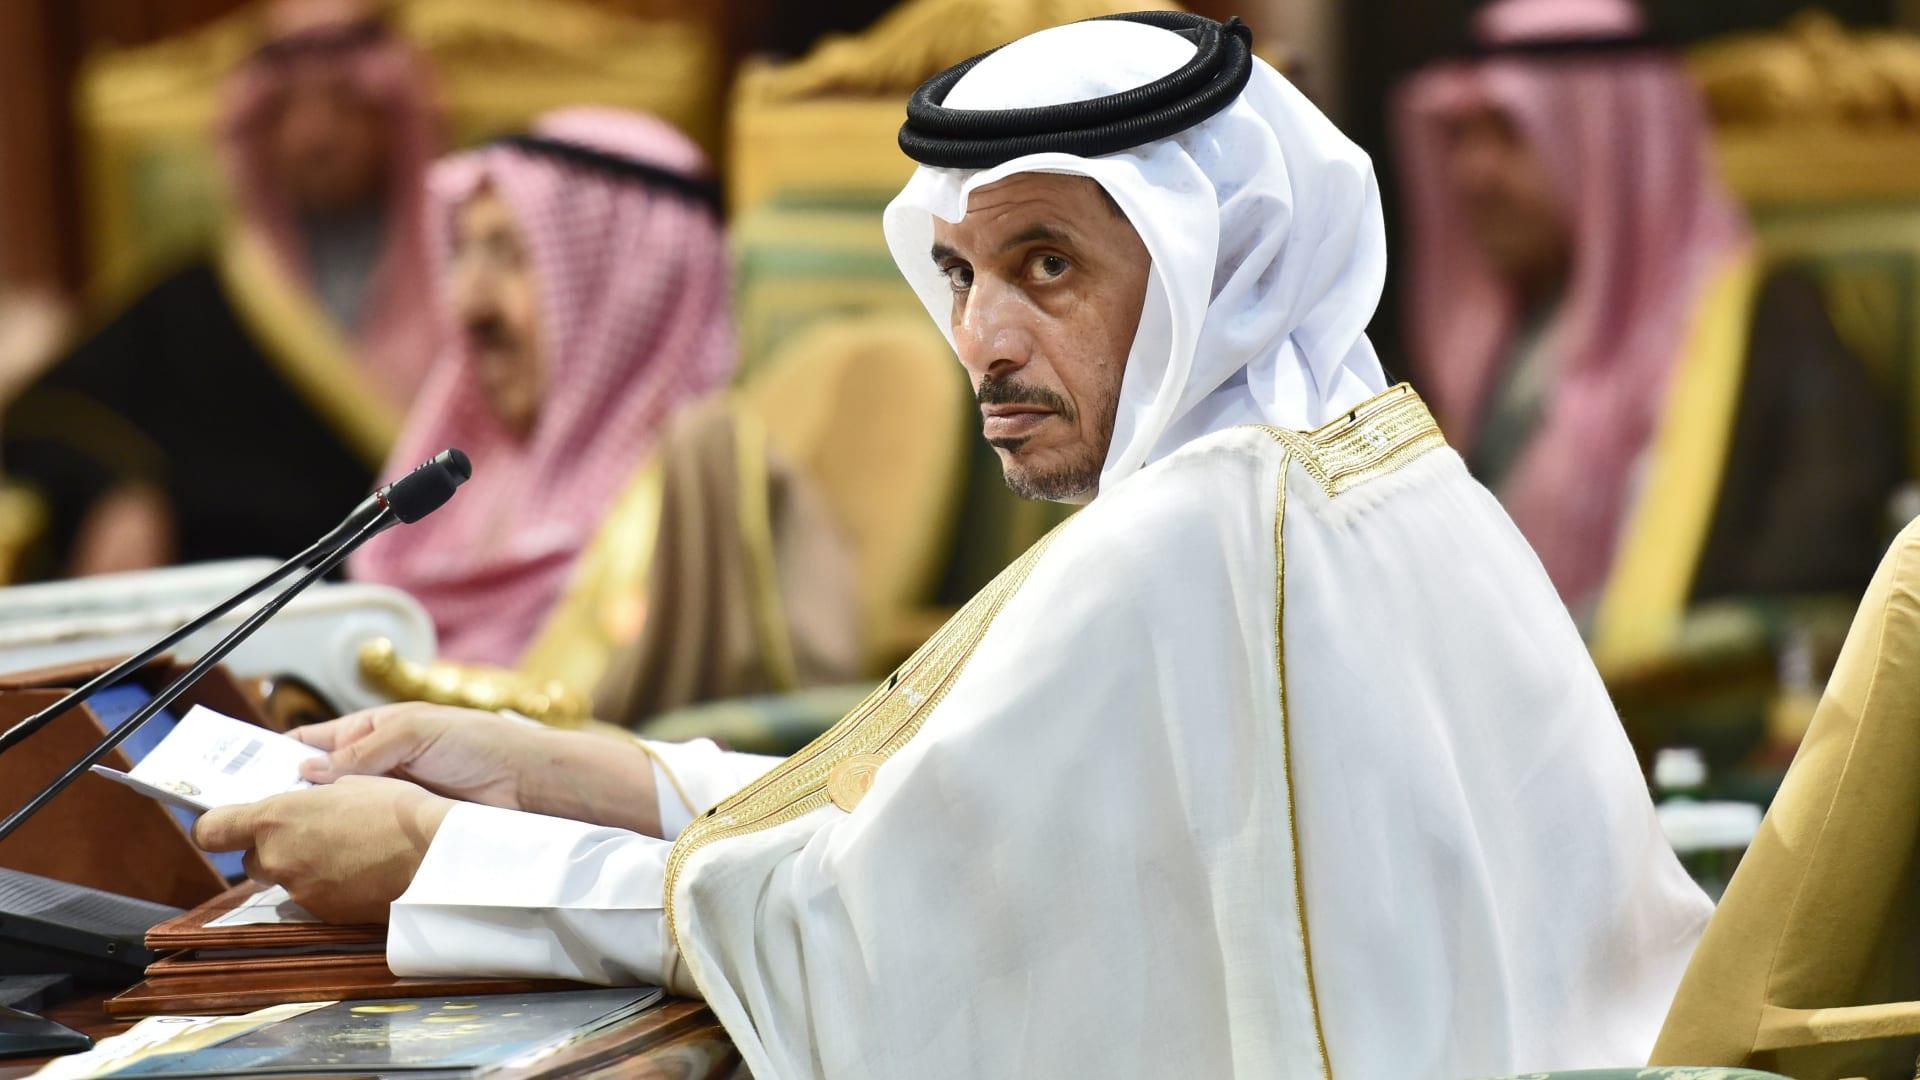 ضاحي خلفان يتحدث عن قطر والربيع العربي والسيسي وبشرى الأسد